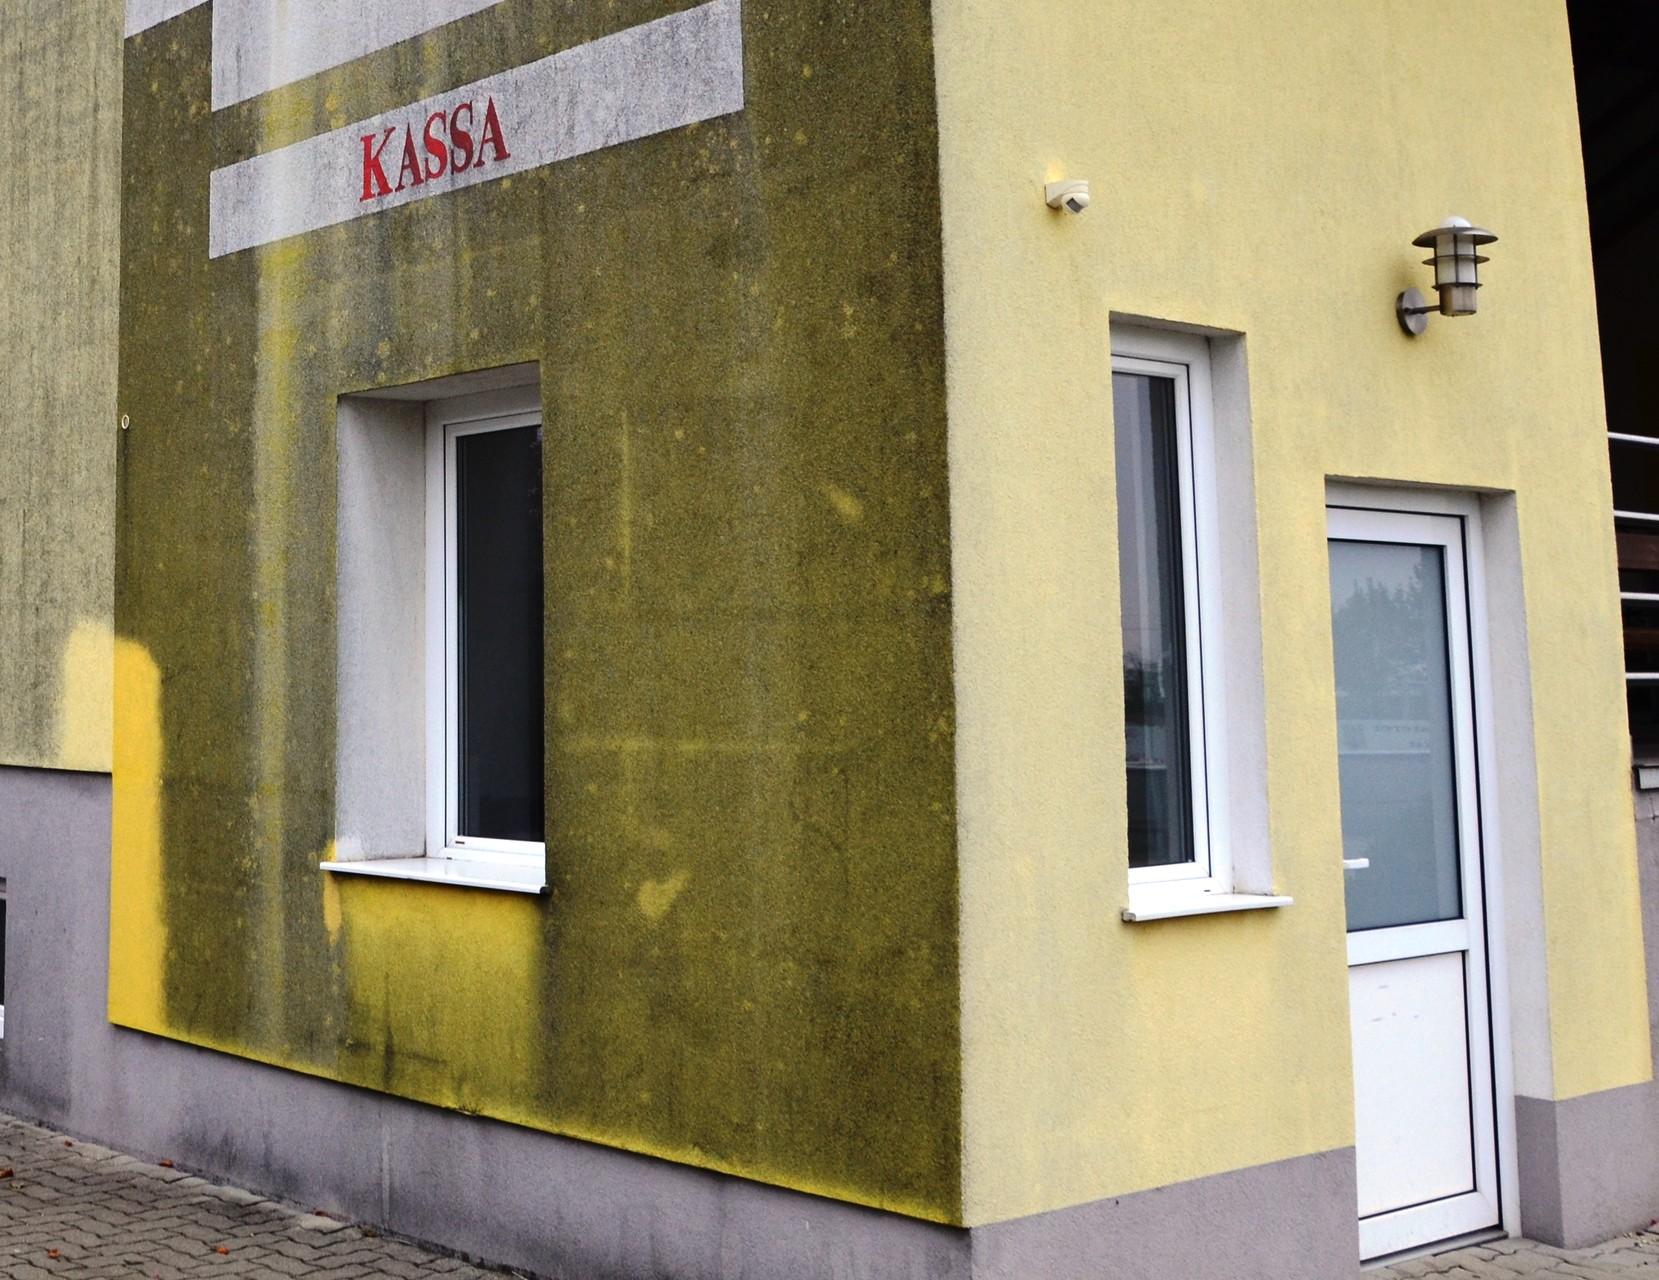 Fassadenreinigung im Kassenbereich (vorher)